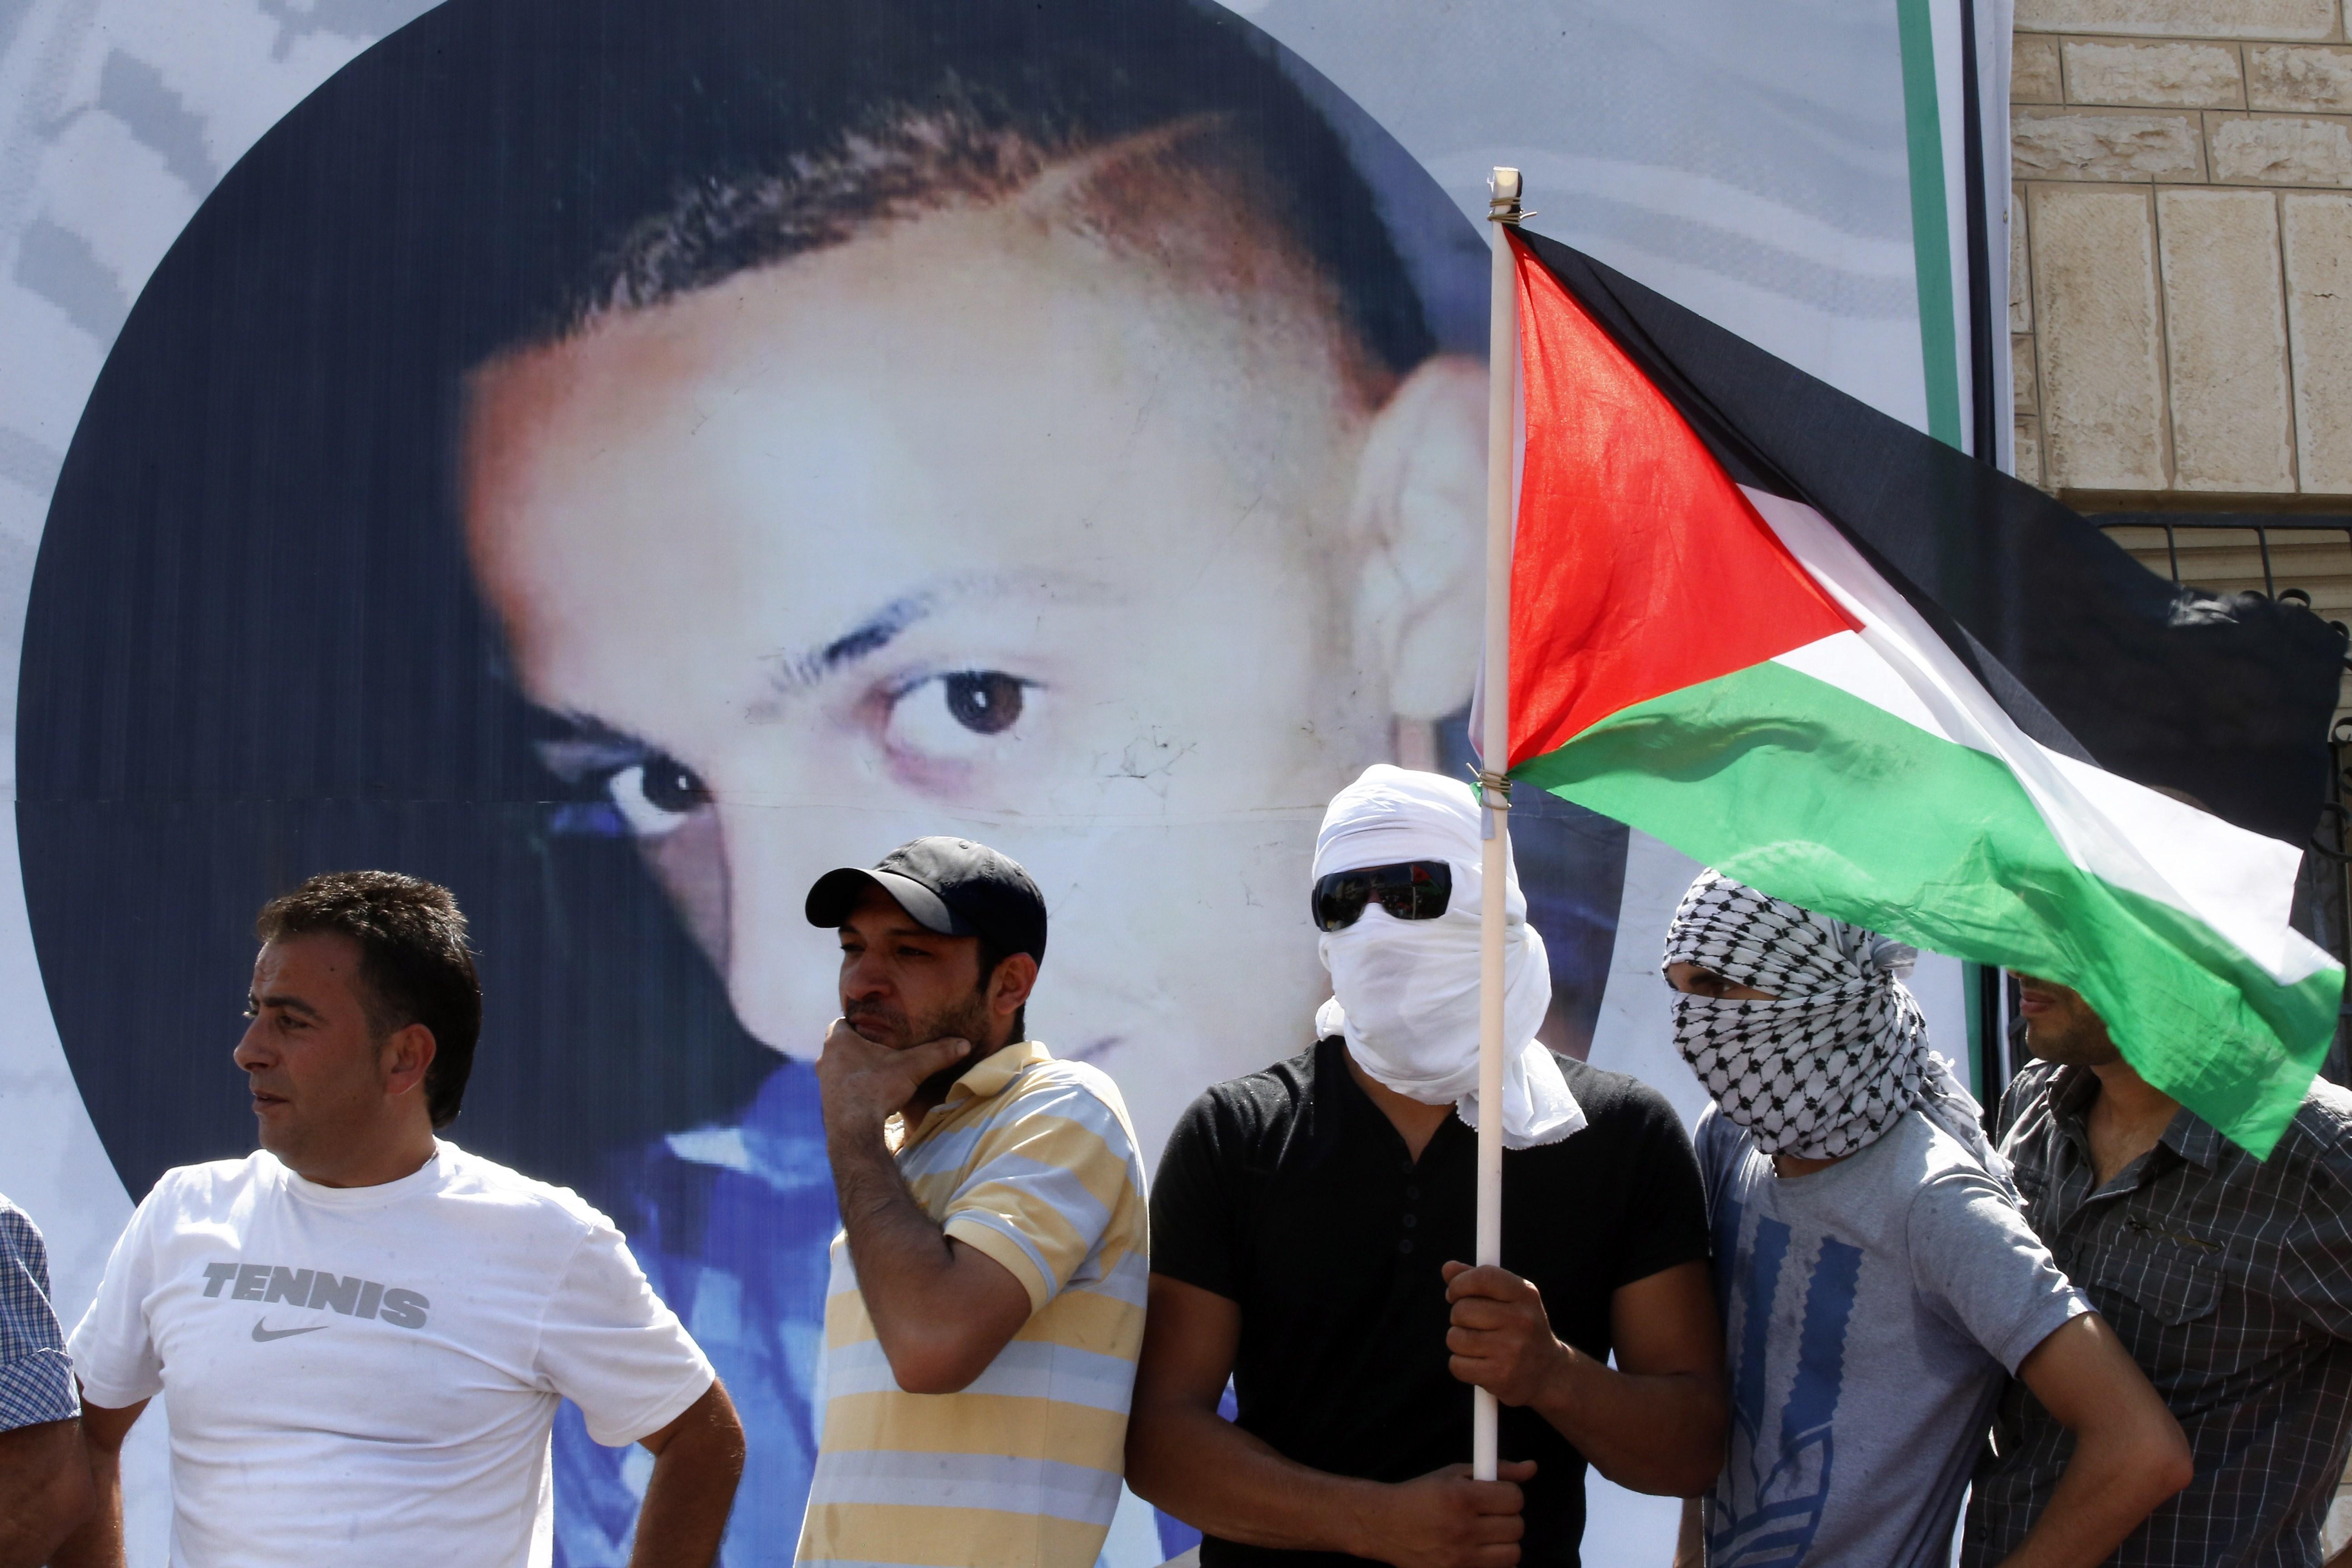 Upálení Muhammada Abu Khdeira pomstou za vraždu studentů